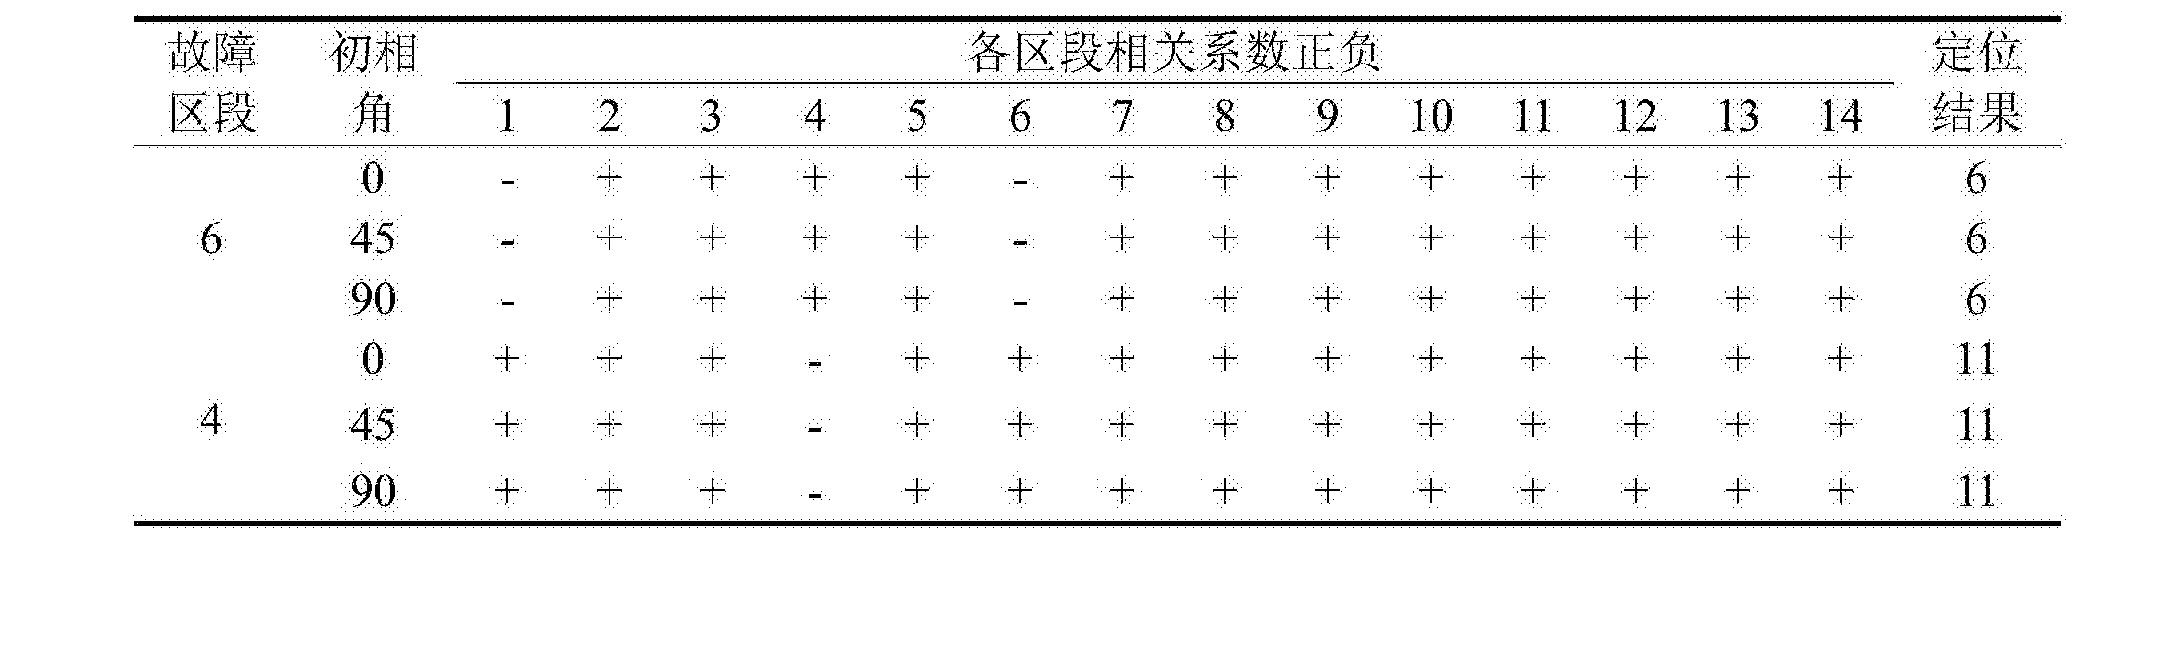 Figure CN105842583BD00072